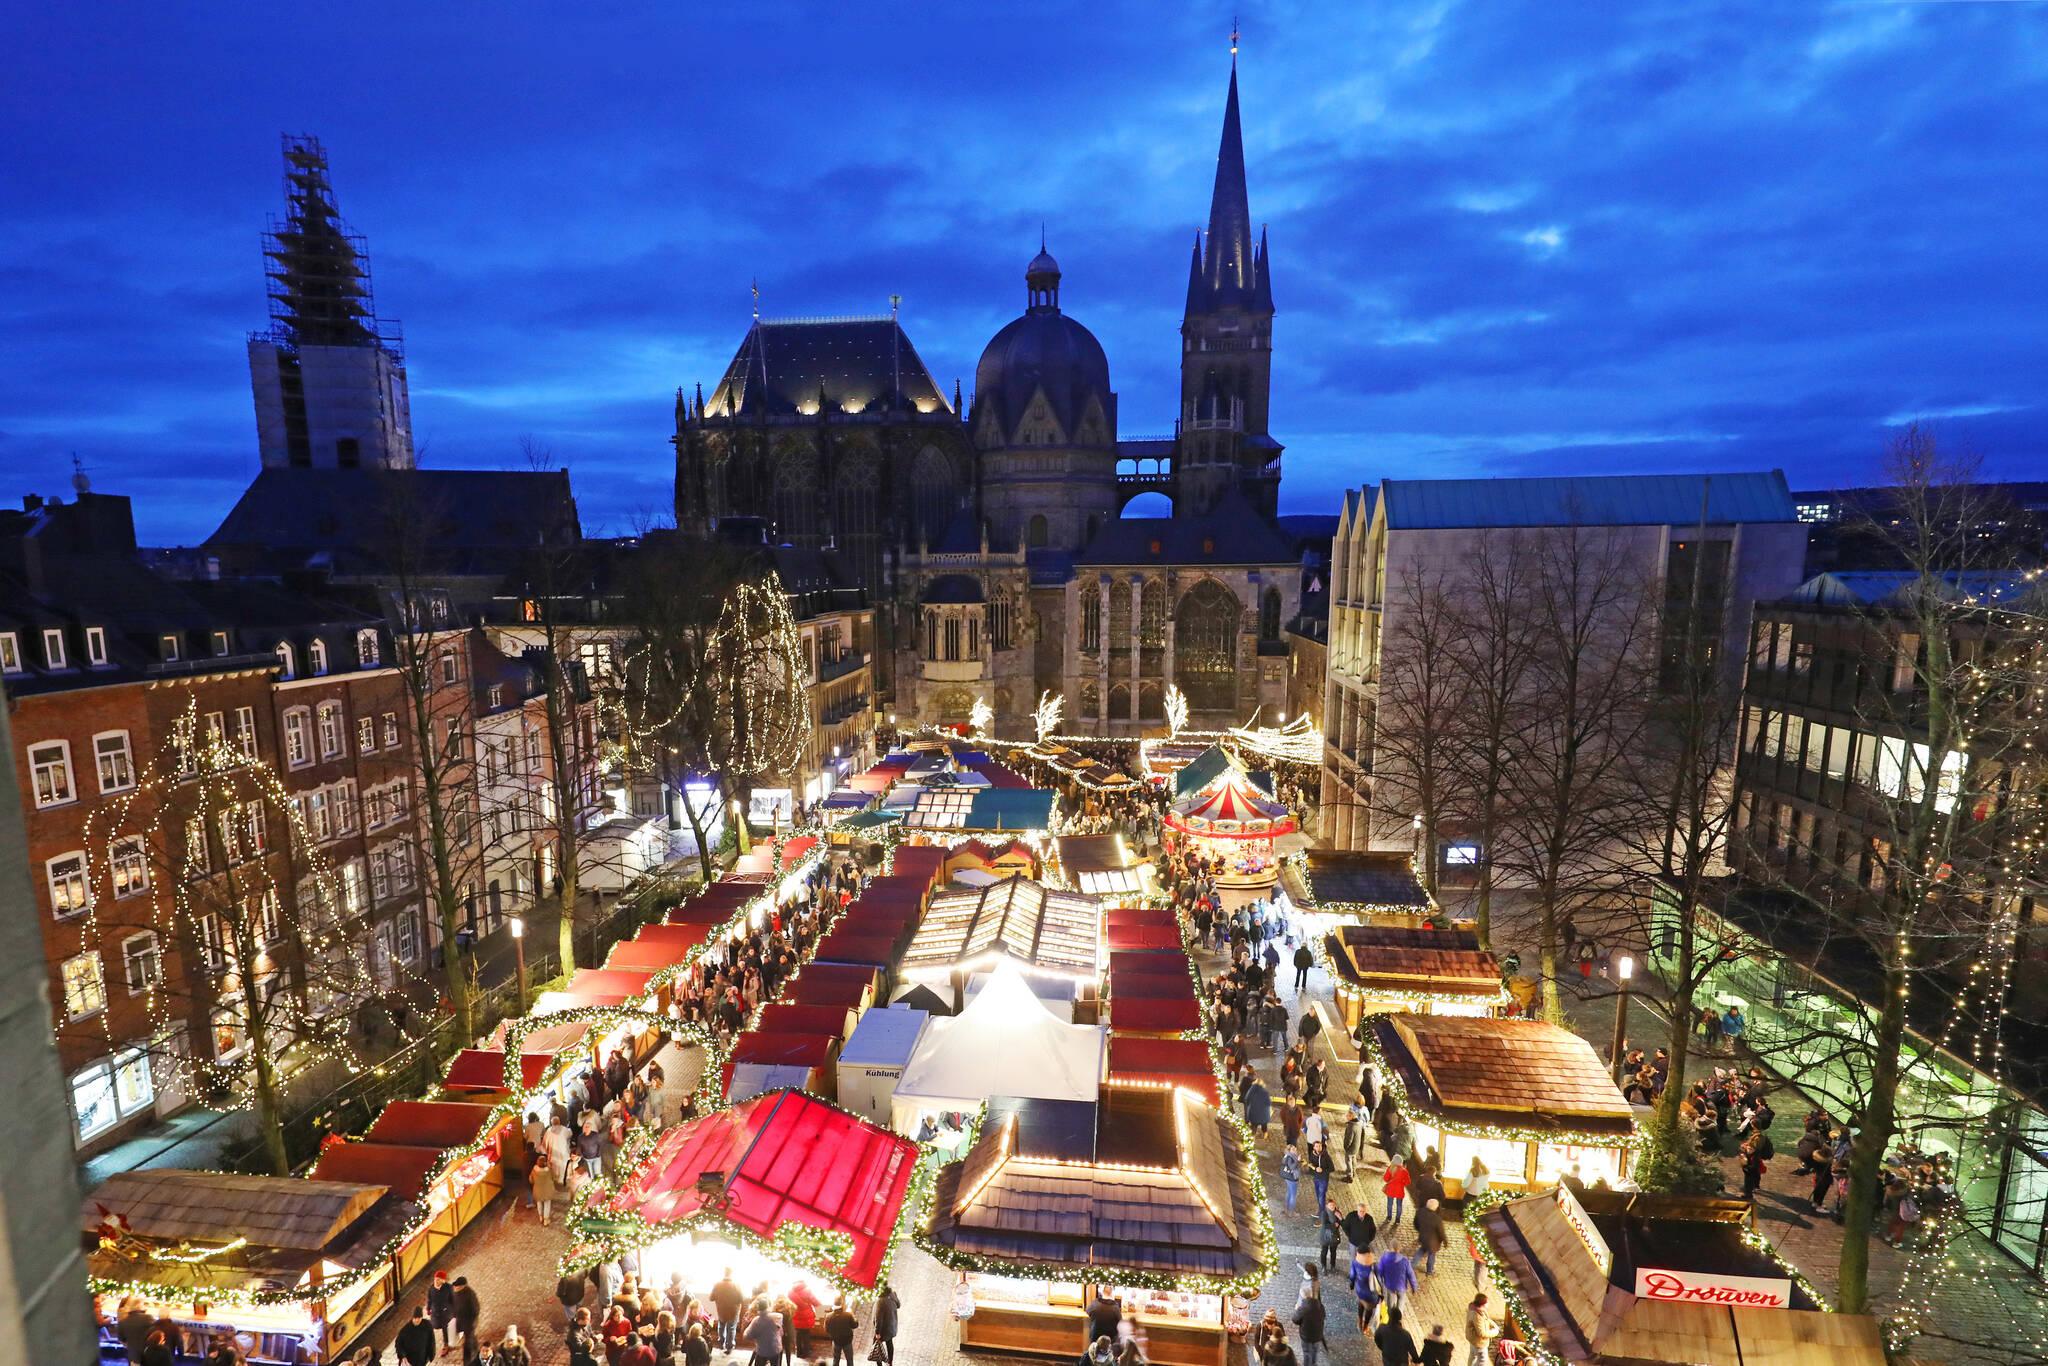 Weihnachtsmarkt Nach Weihnachten Noch Geöffnet Nrw.Weihnachtsmärkte In Nrw Kulinarische Spezialitäten Von Gin Bis